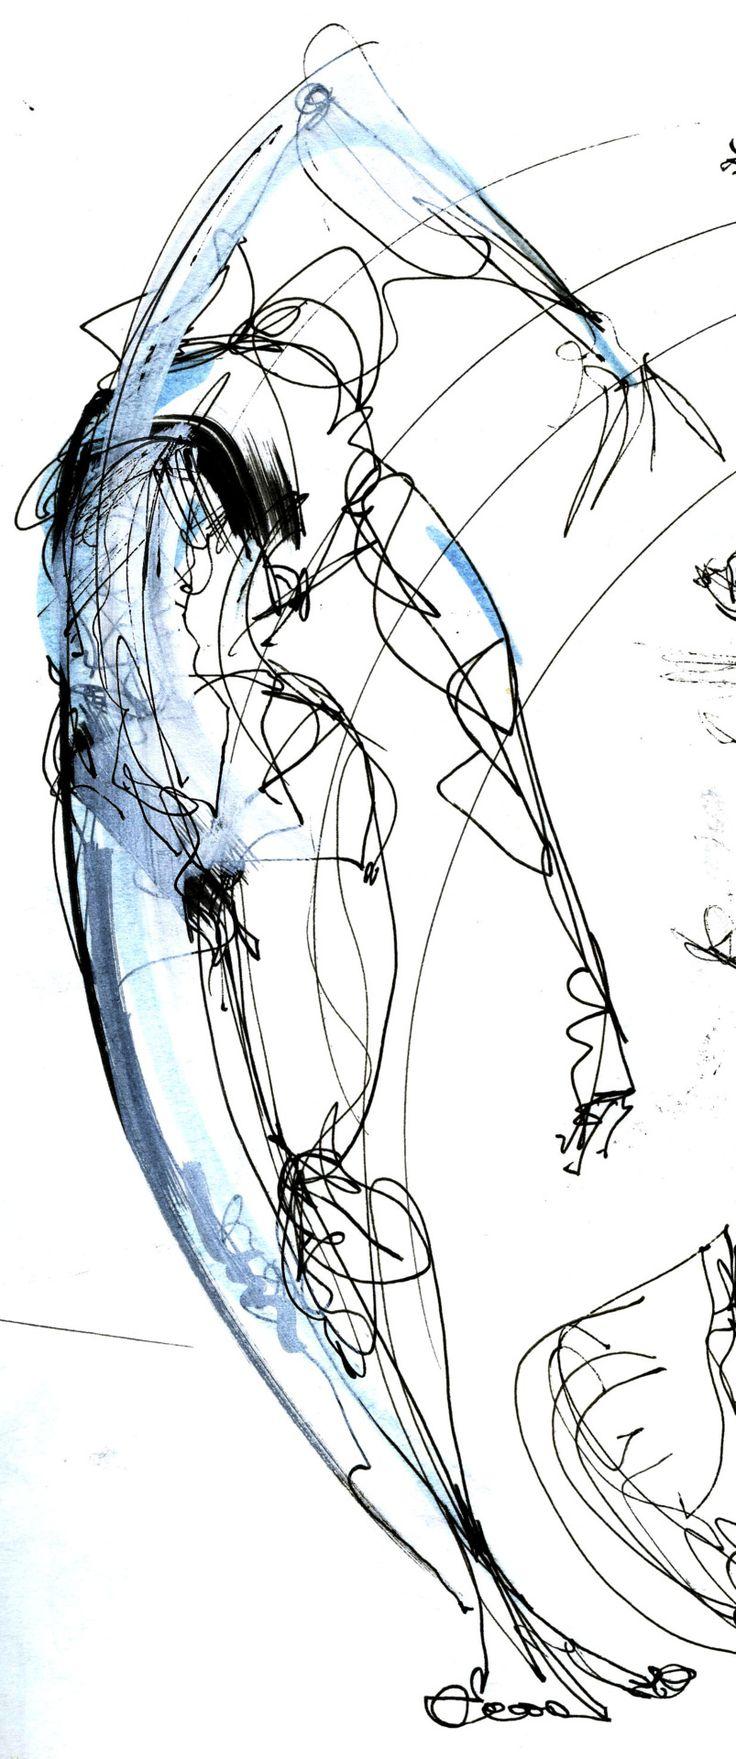 scribure: Gesture Drawing @Karol Krakowiak Krakowiak Krakowiak Krakowiak Eubanks Amooty